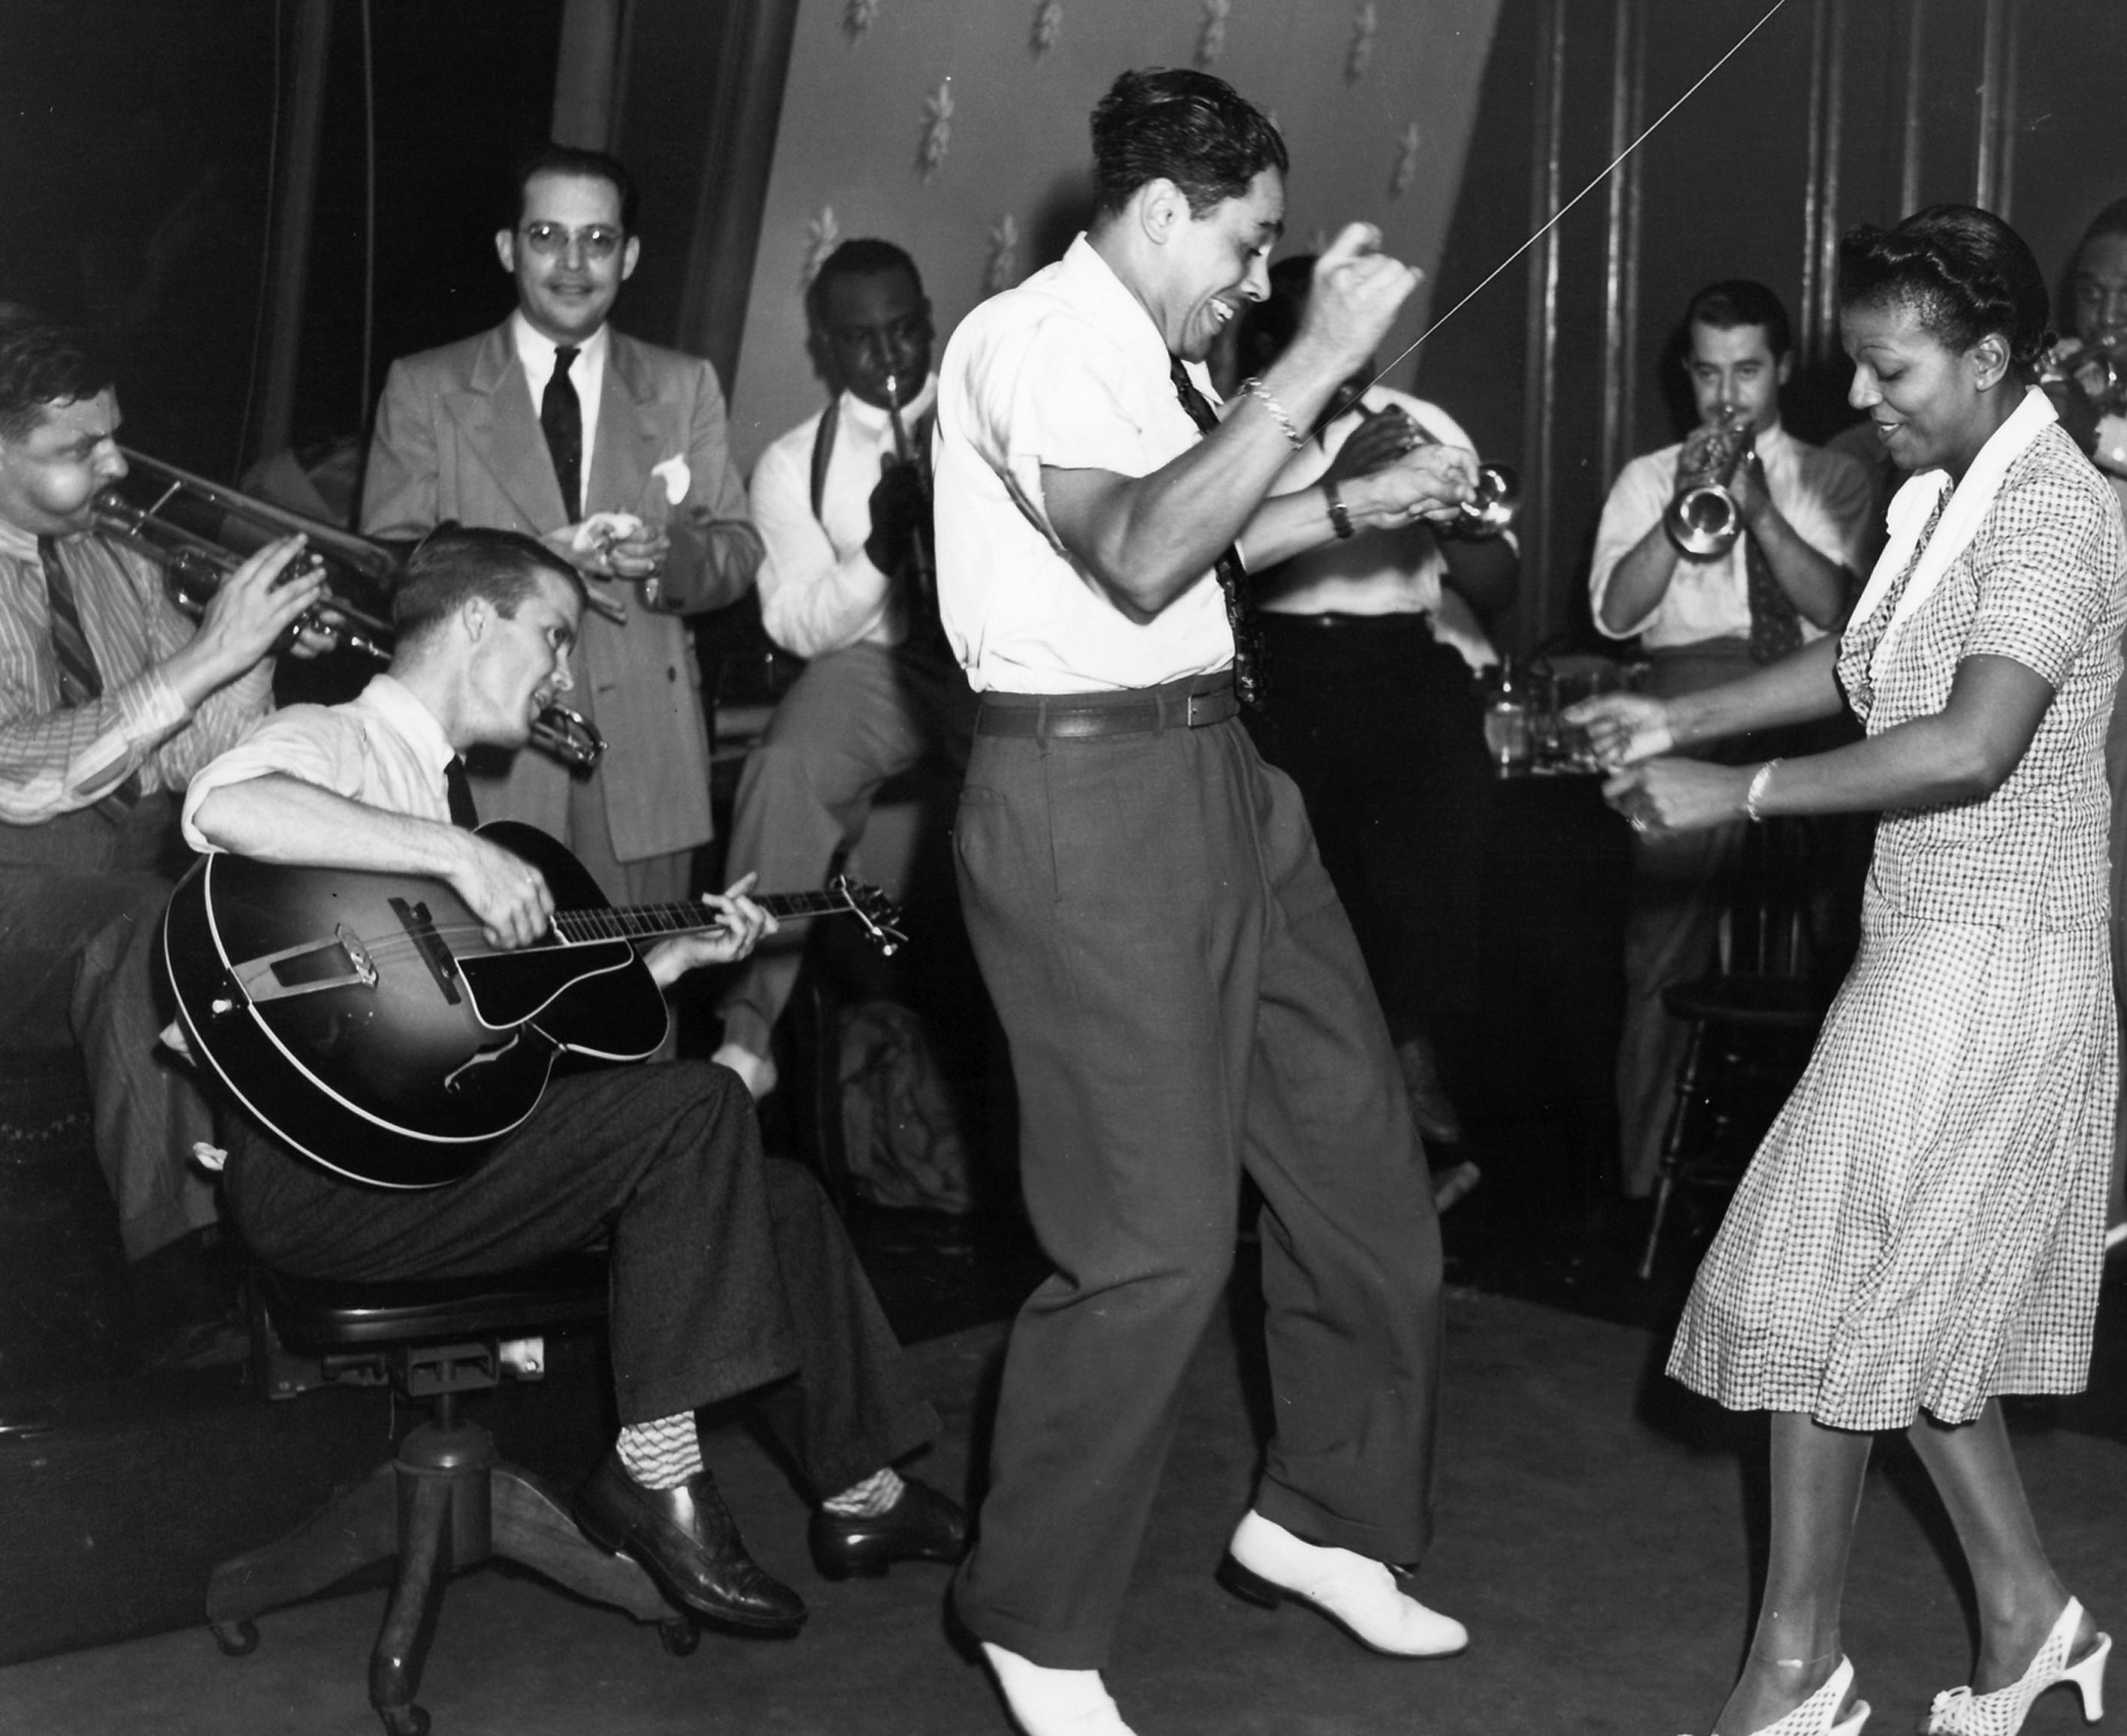 Hustle Hard Girl Wallpaper 댄서들을 위해 연주하는 밴드들을 위한 노하우 By Bobby White Lindyexplorer